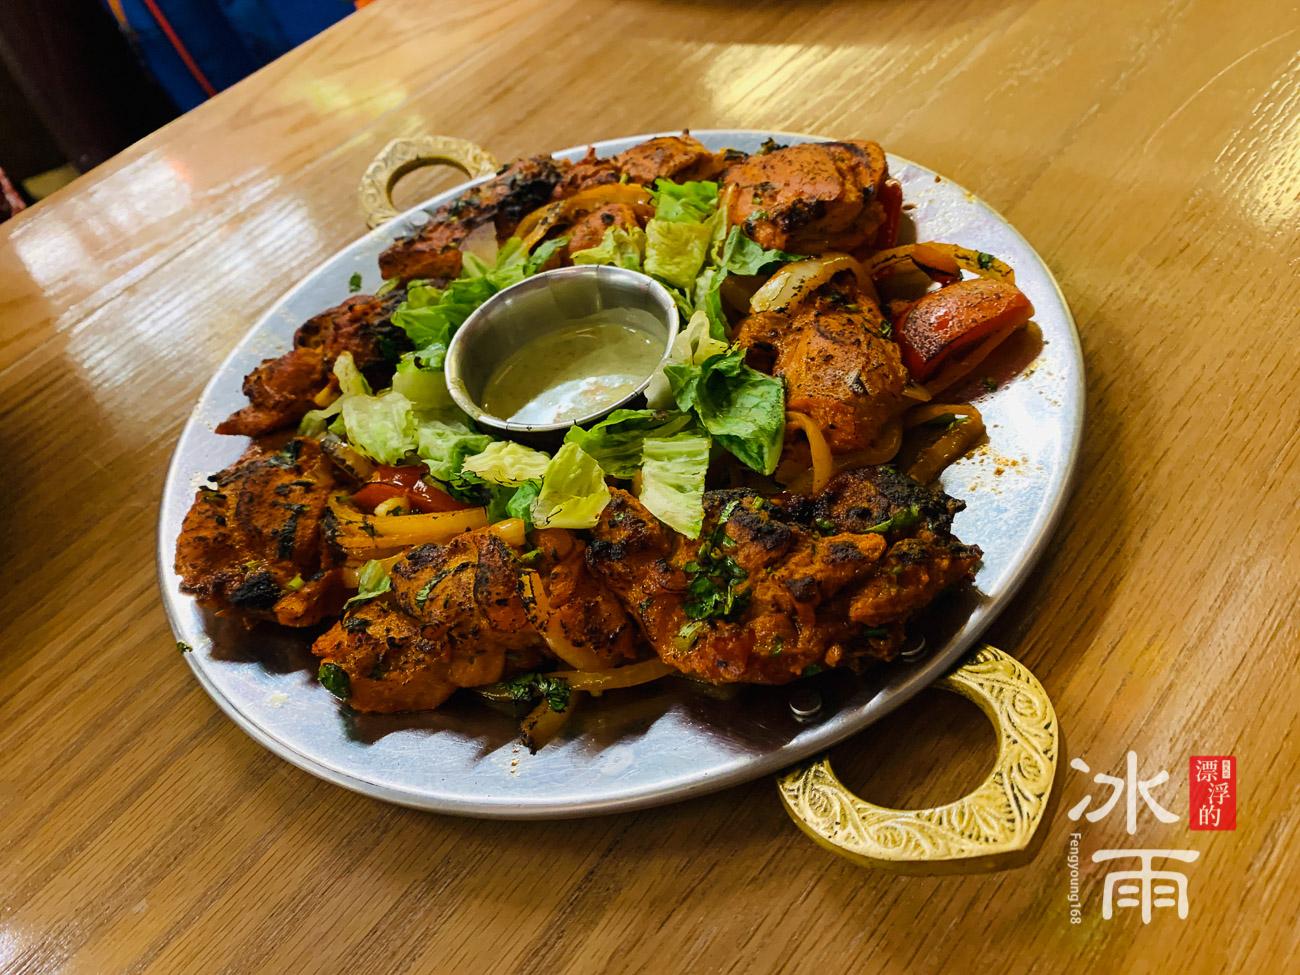 印渡風情|印度料理餐廳|香料雞肉